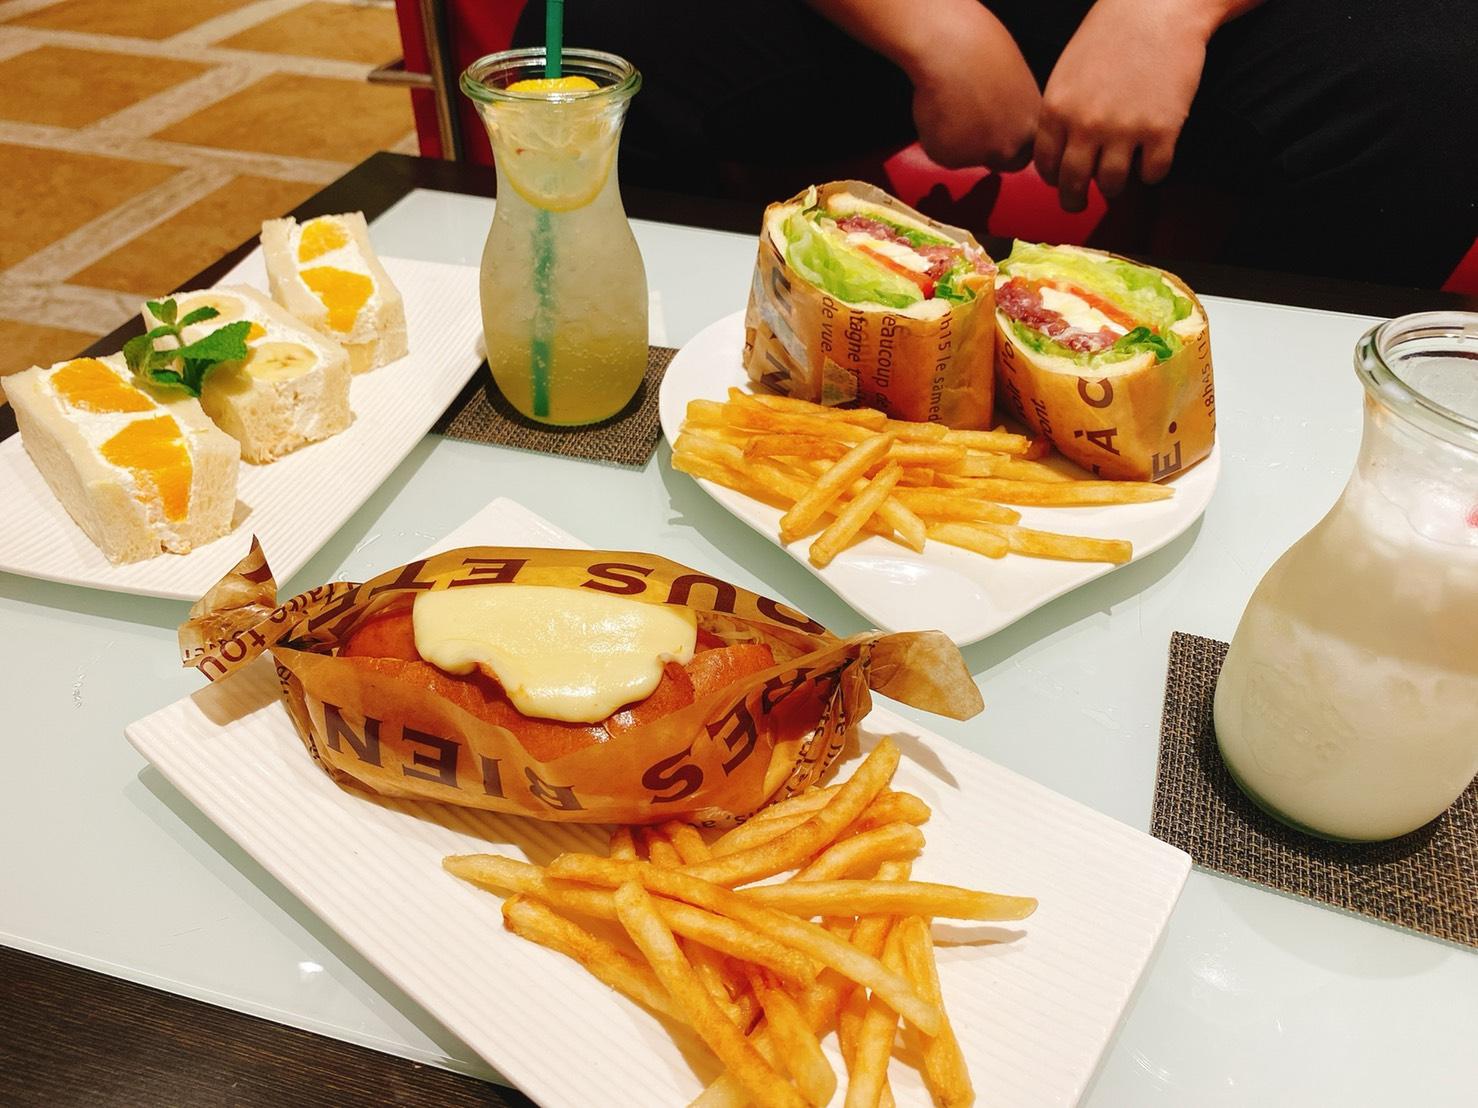 内子町河内にあるオシャレな古民家カフェ!「FFC」でチーズホットドック&サンドイッチを食べてきました!